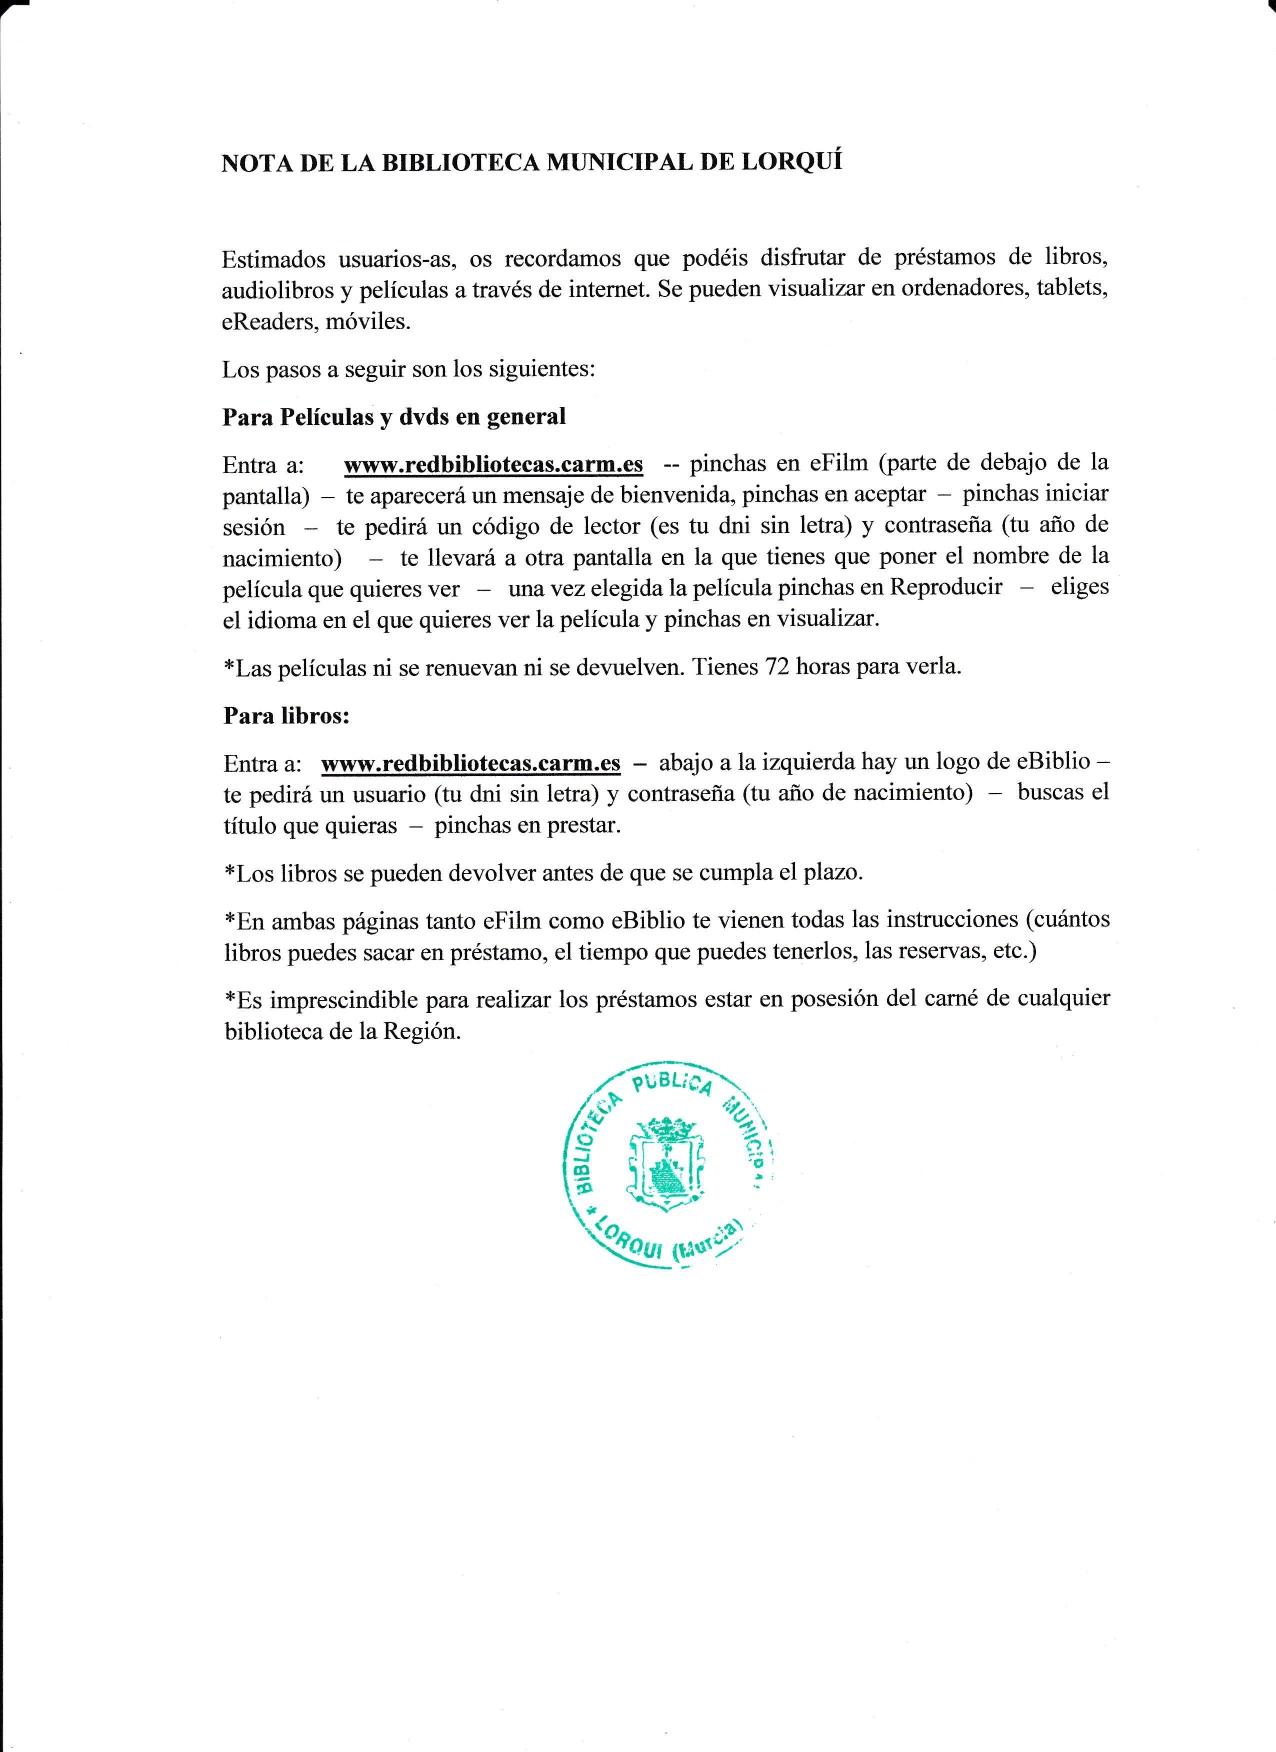 NOTA DE LA BIBLIOTECA MUNICIPAL DE LORQUÍ